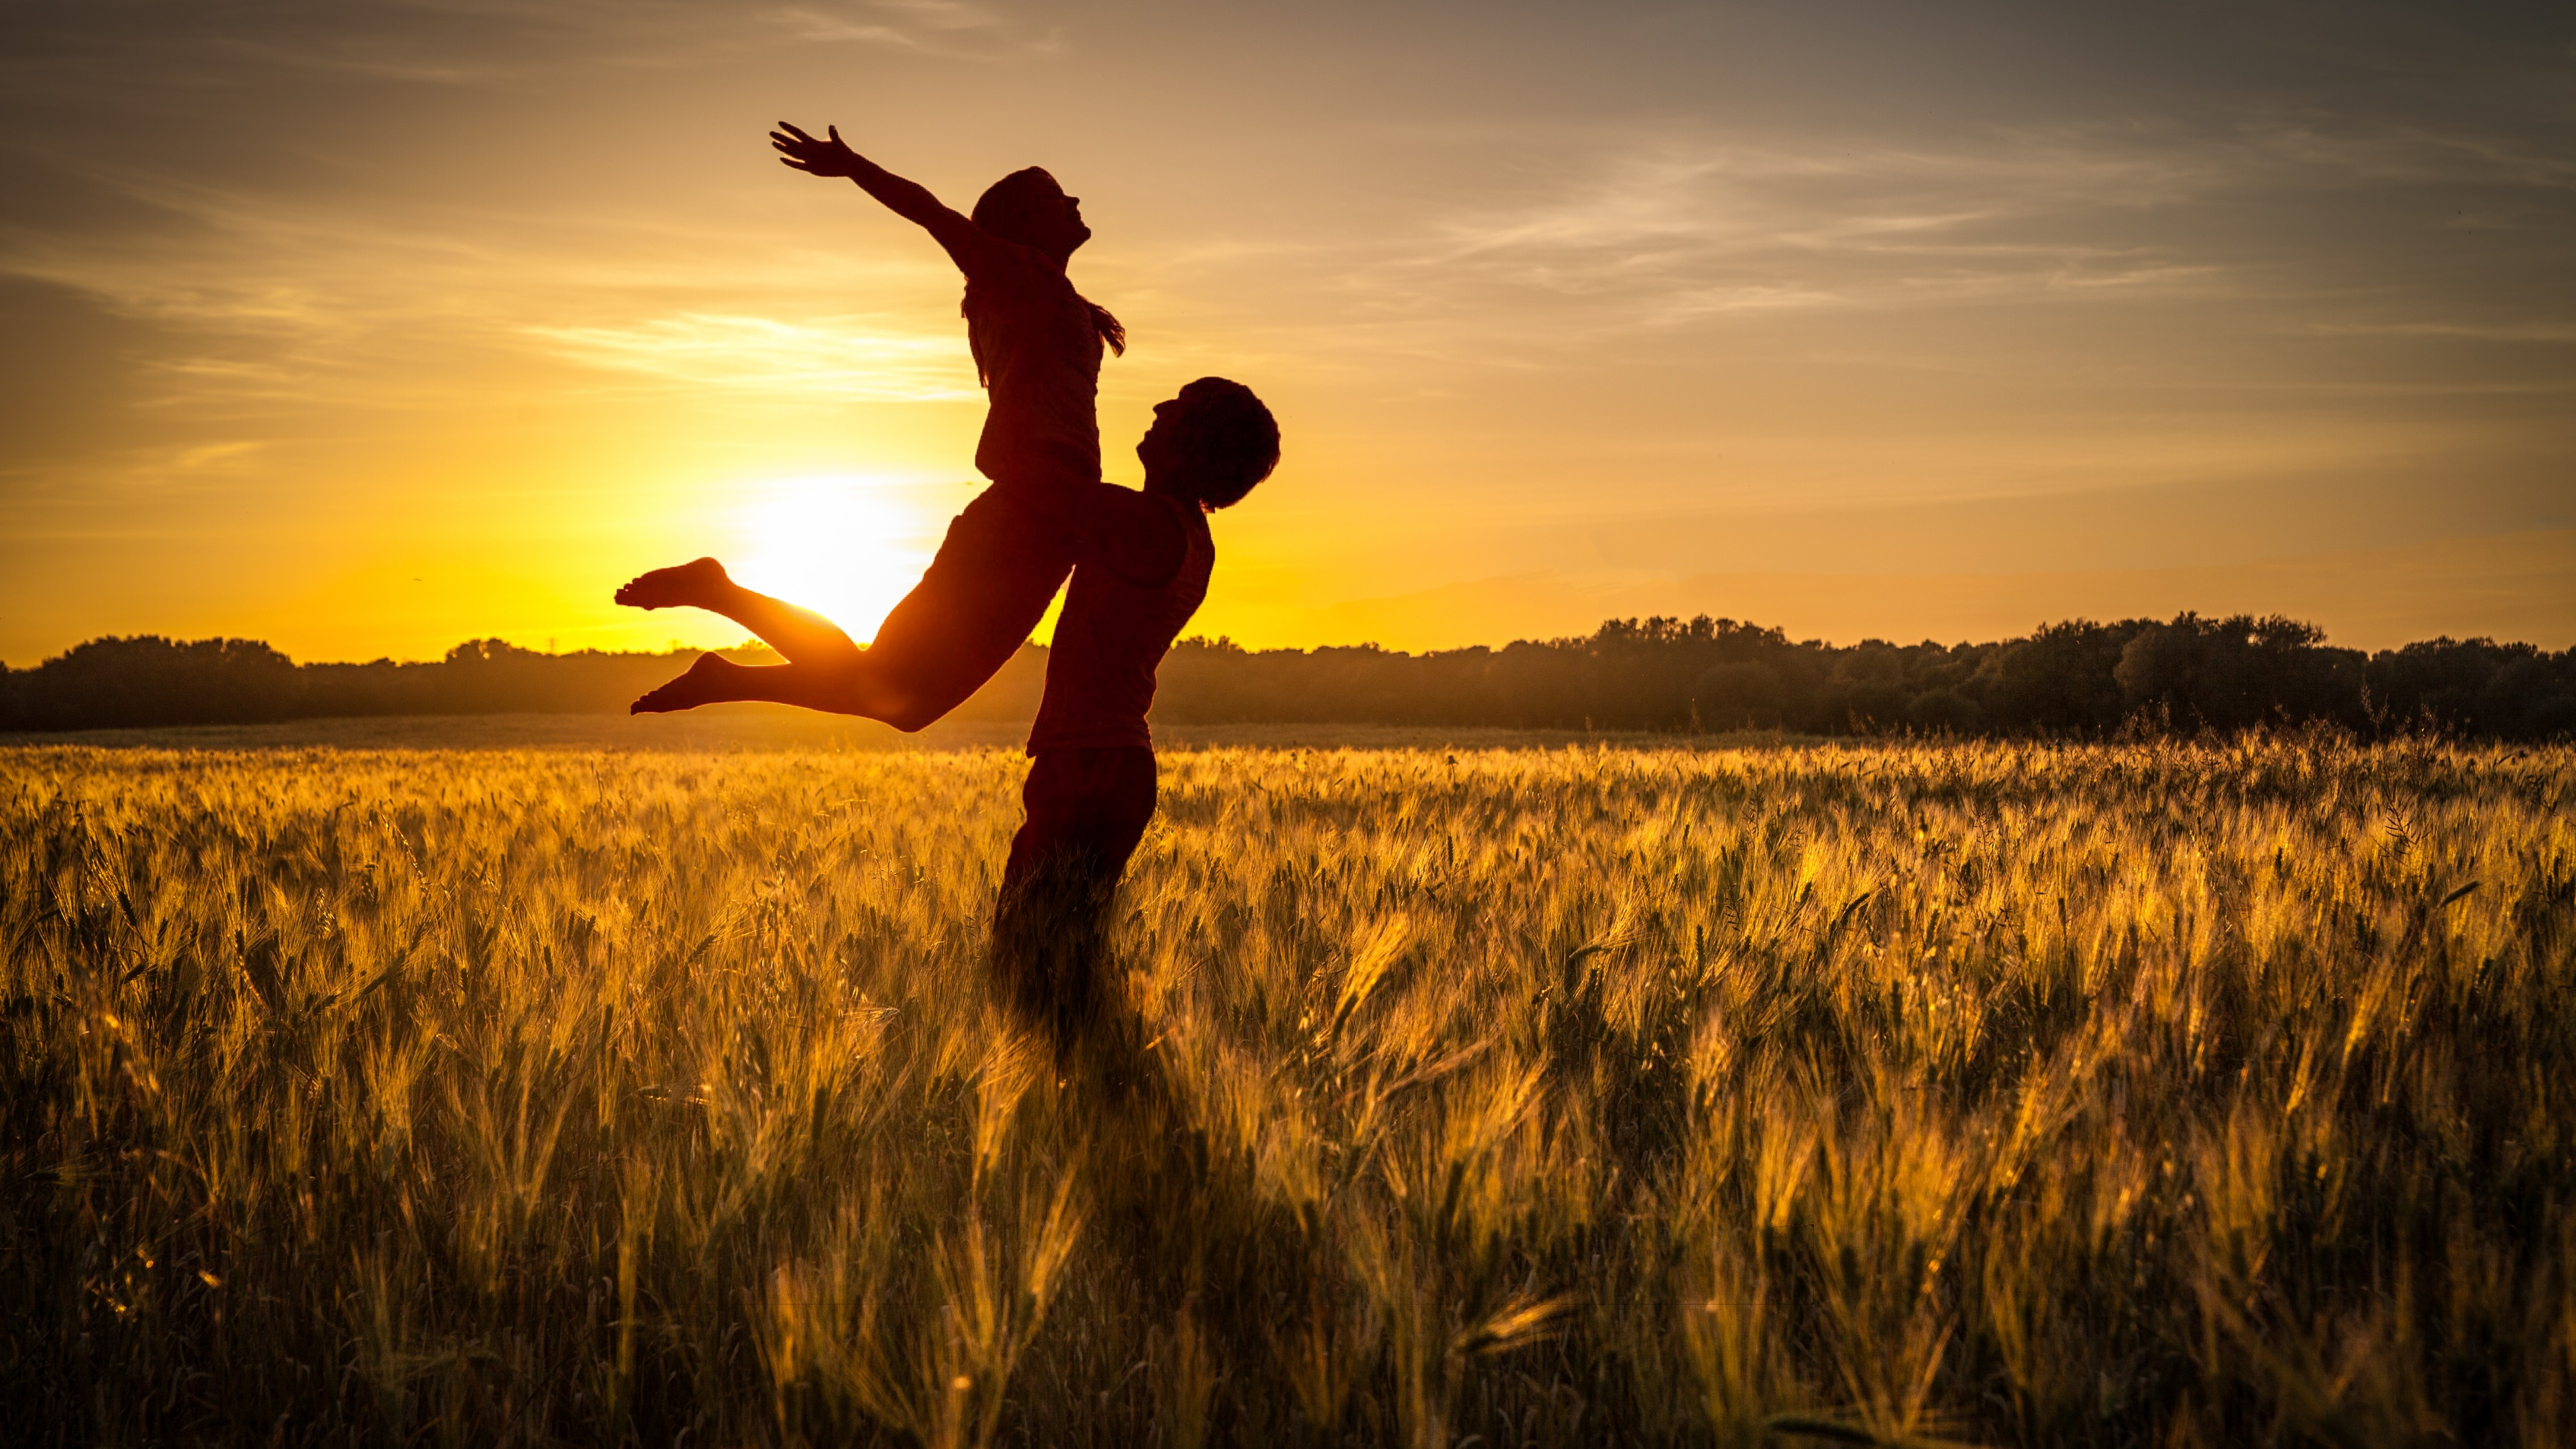 Счастливые на фоне закатного солнца-огонь и золотыми отблесками